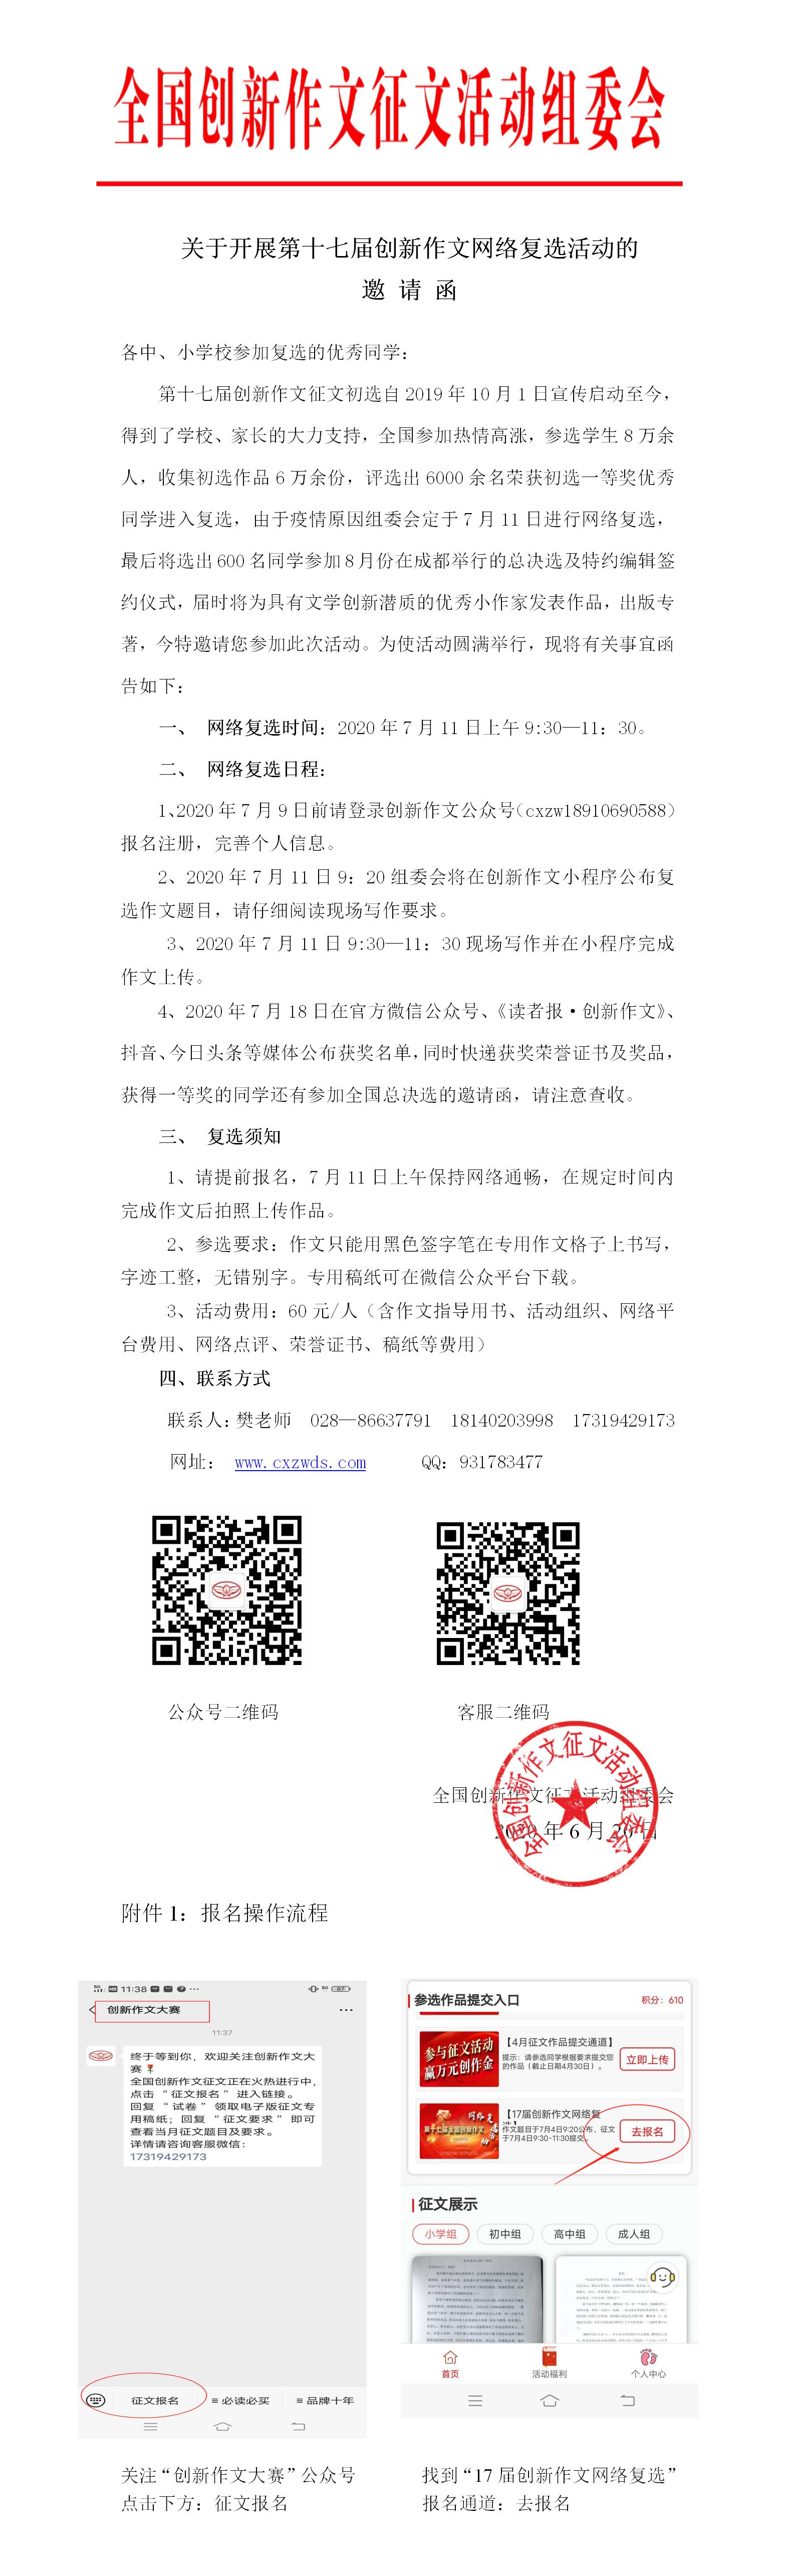 第十七届创新作文网络复选活动的邀请函 - 副本.png